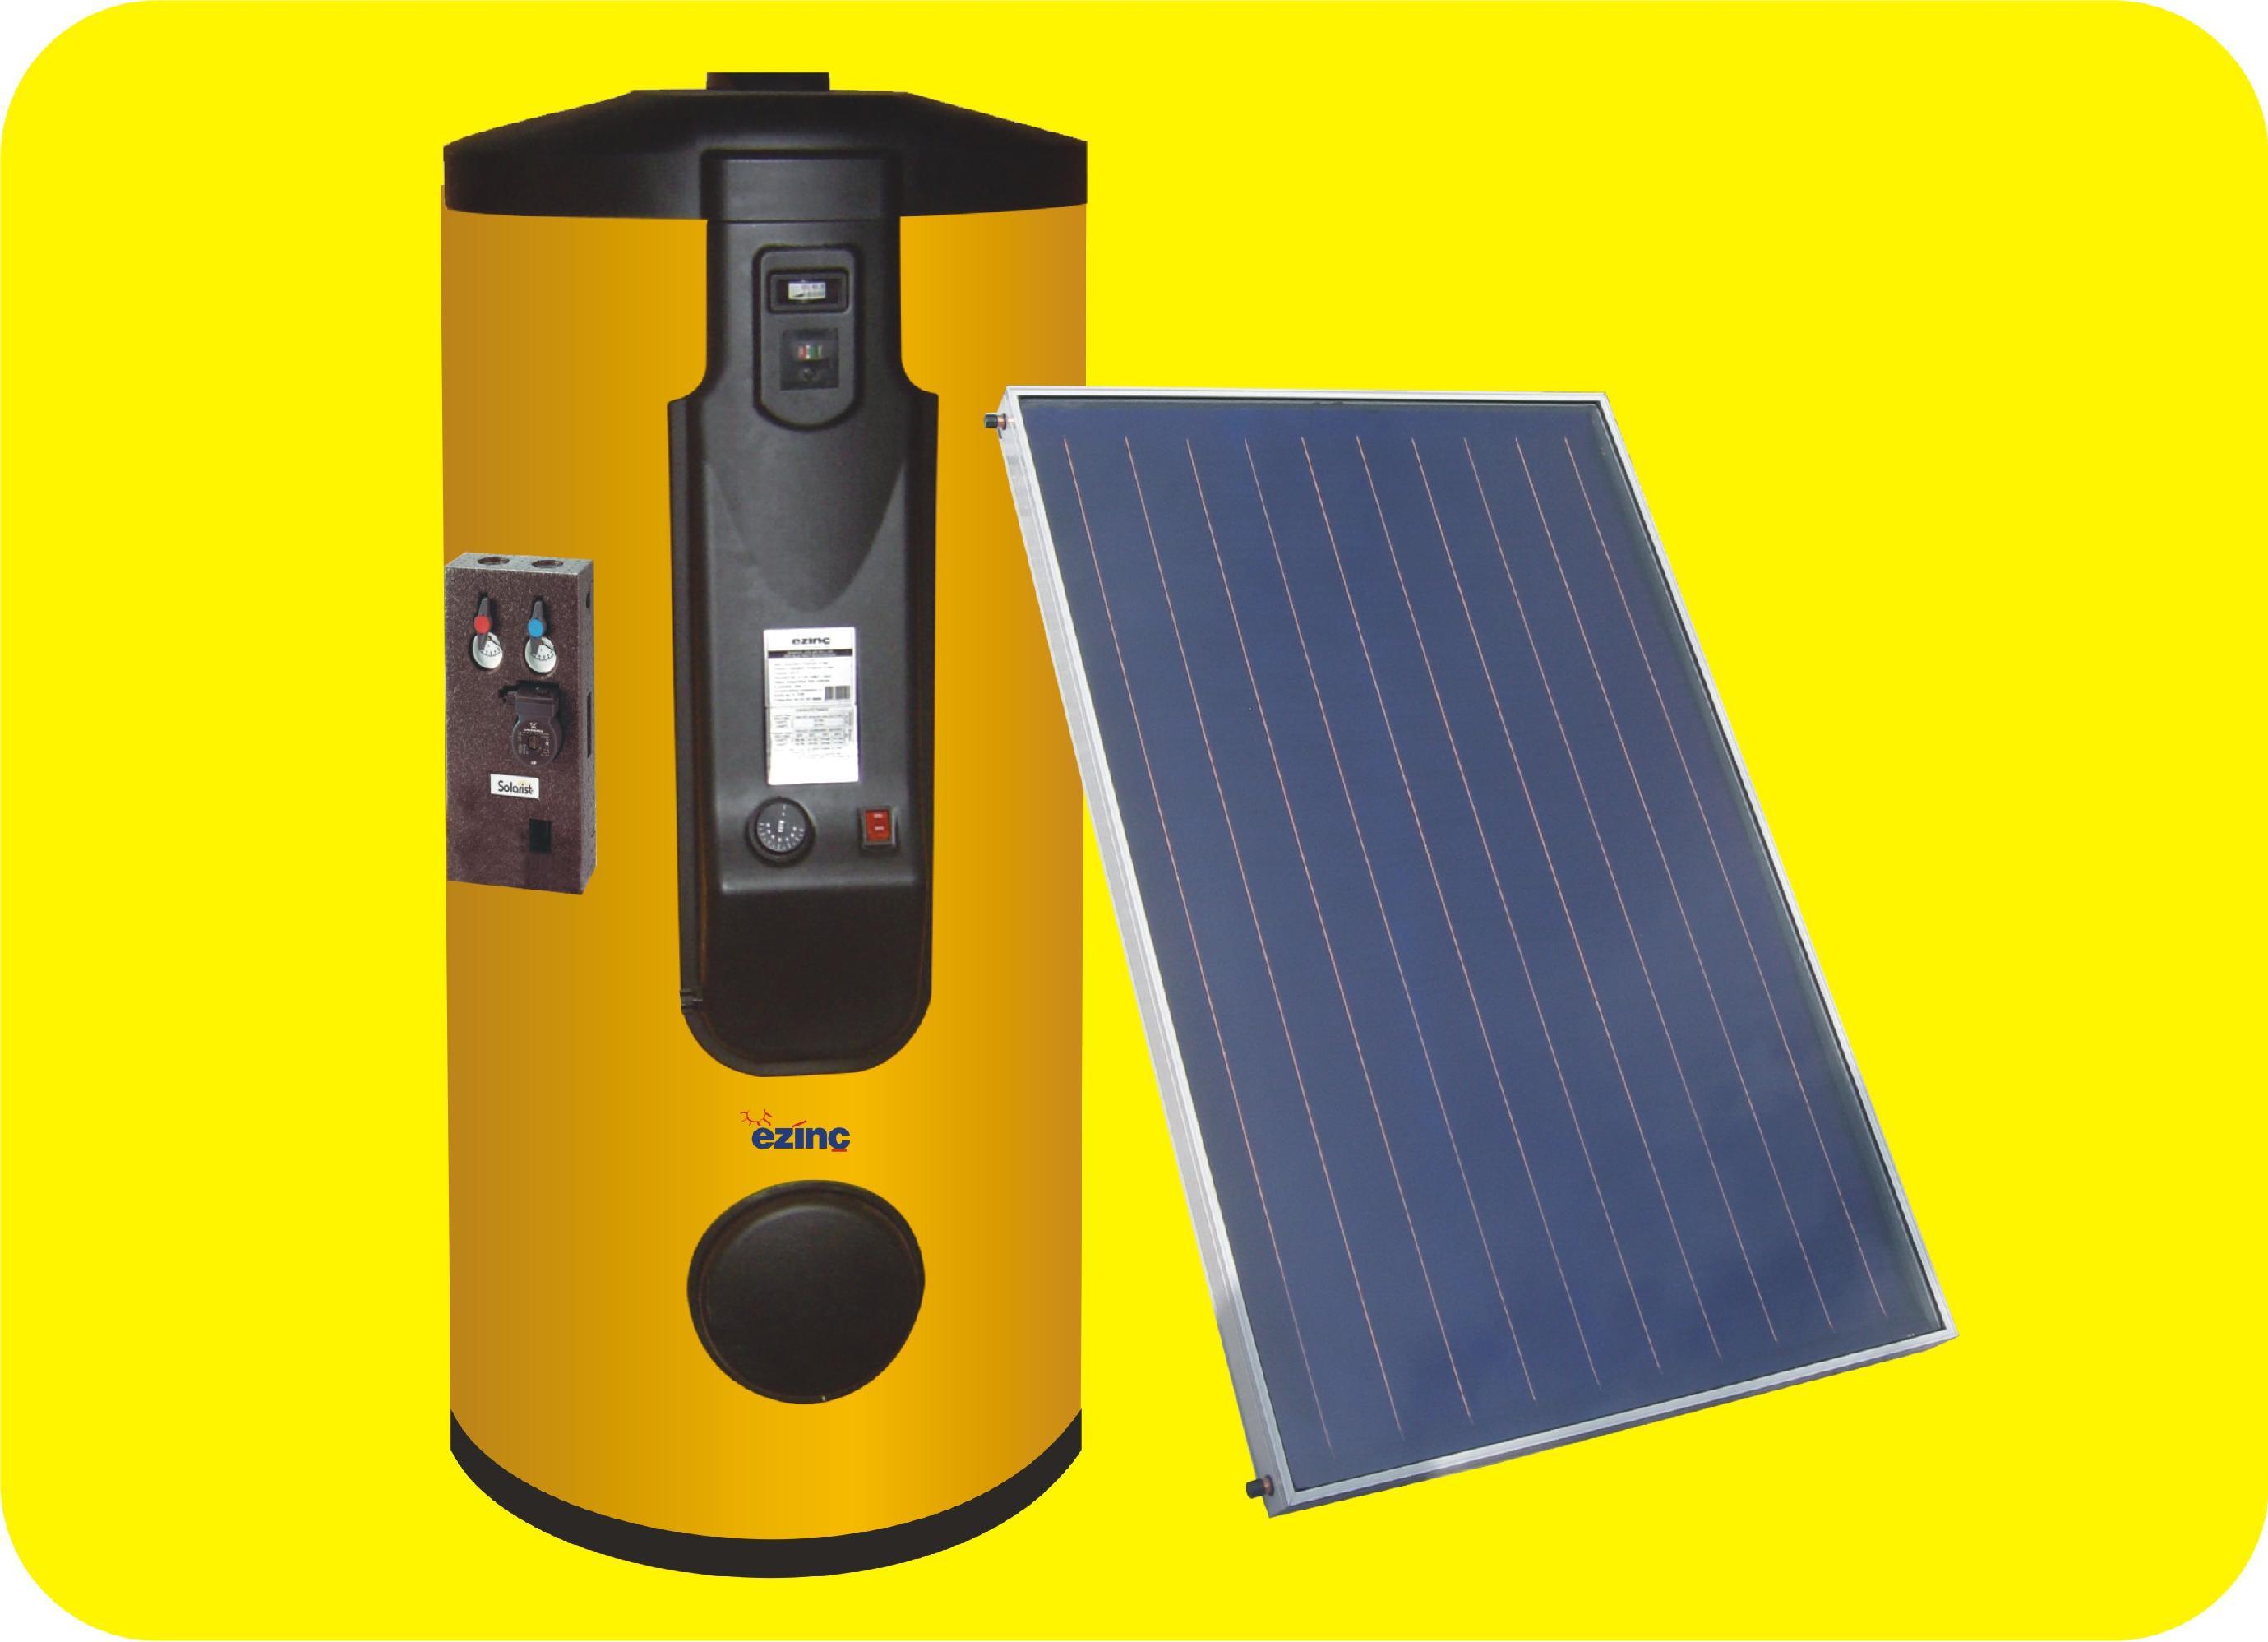 chauffe eau solaire top sun piacezinc cesi. Black Bedroom Furniture Sets. Home Design Ideas